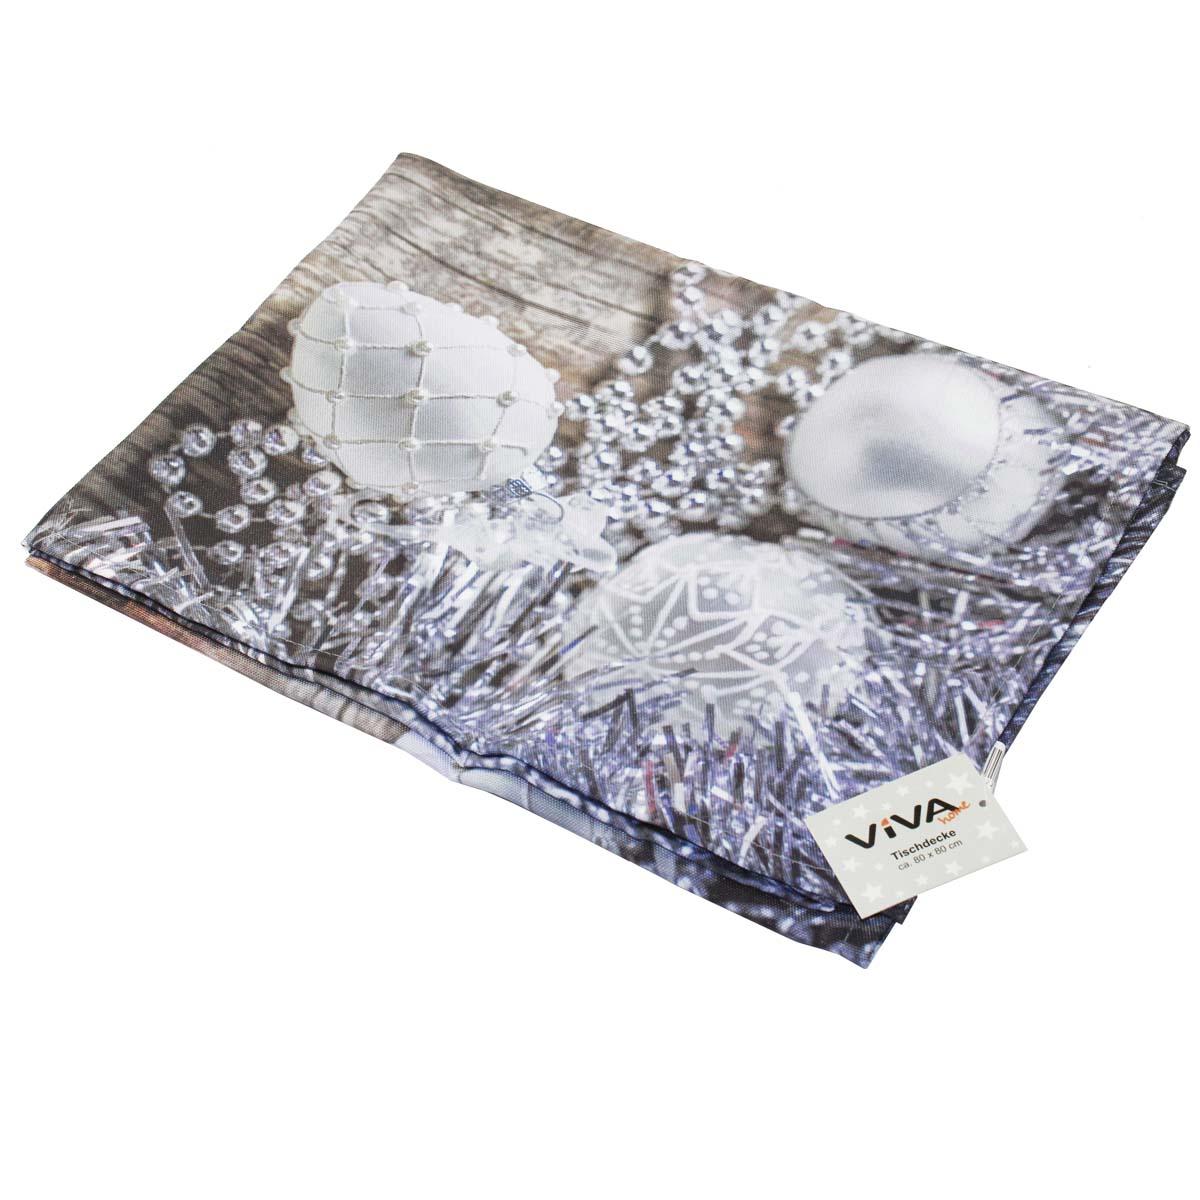 tischdecke weihnachten 80x80 wasserabweisend tisch decke winter deko advent ebay. Black Bedroom Furniture Sets. Home Design Ideas